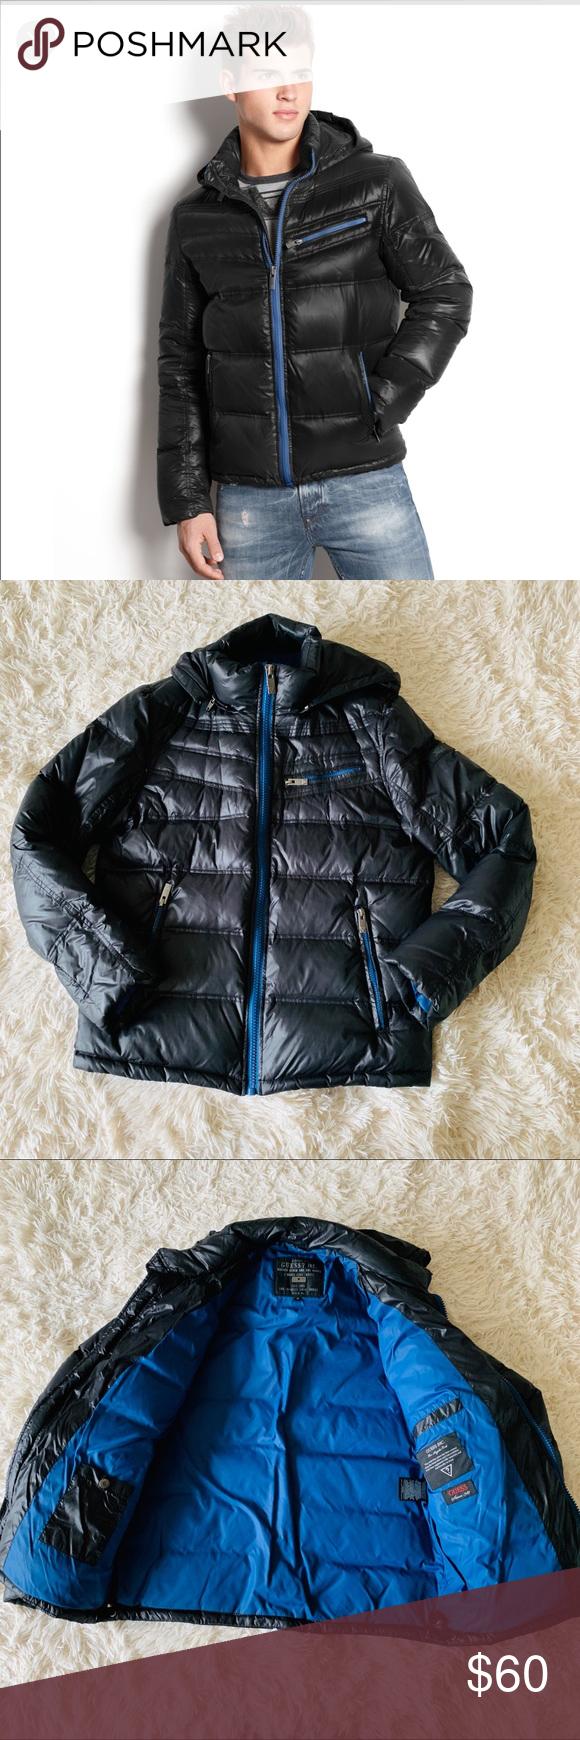 Guess Men S Puffer Jacket Mens Puffer Jacket Jackets Puffer Jackets [ 1740 x 580 Pixel ]